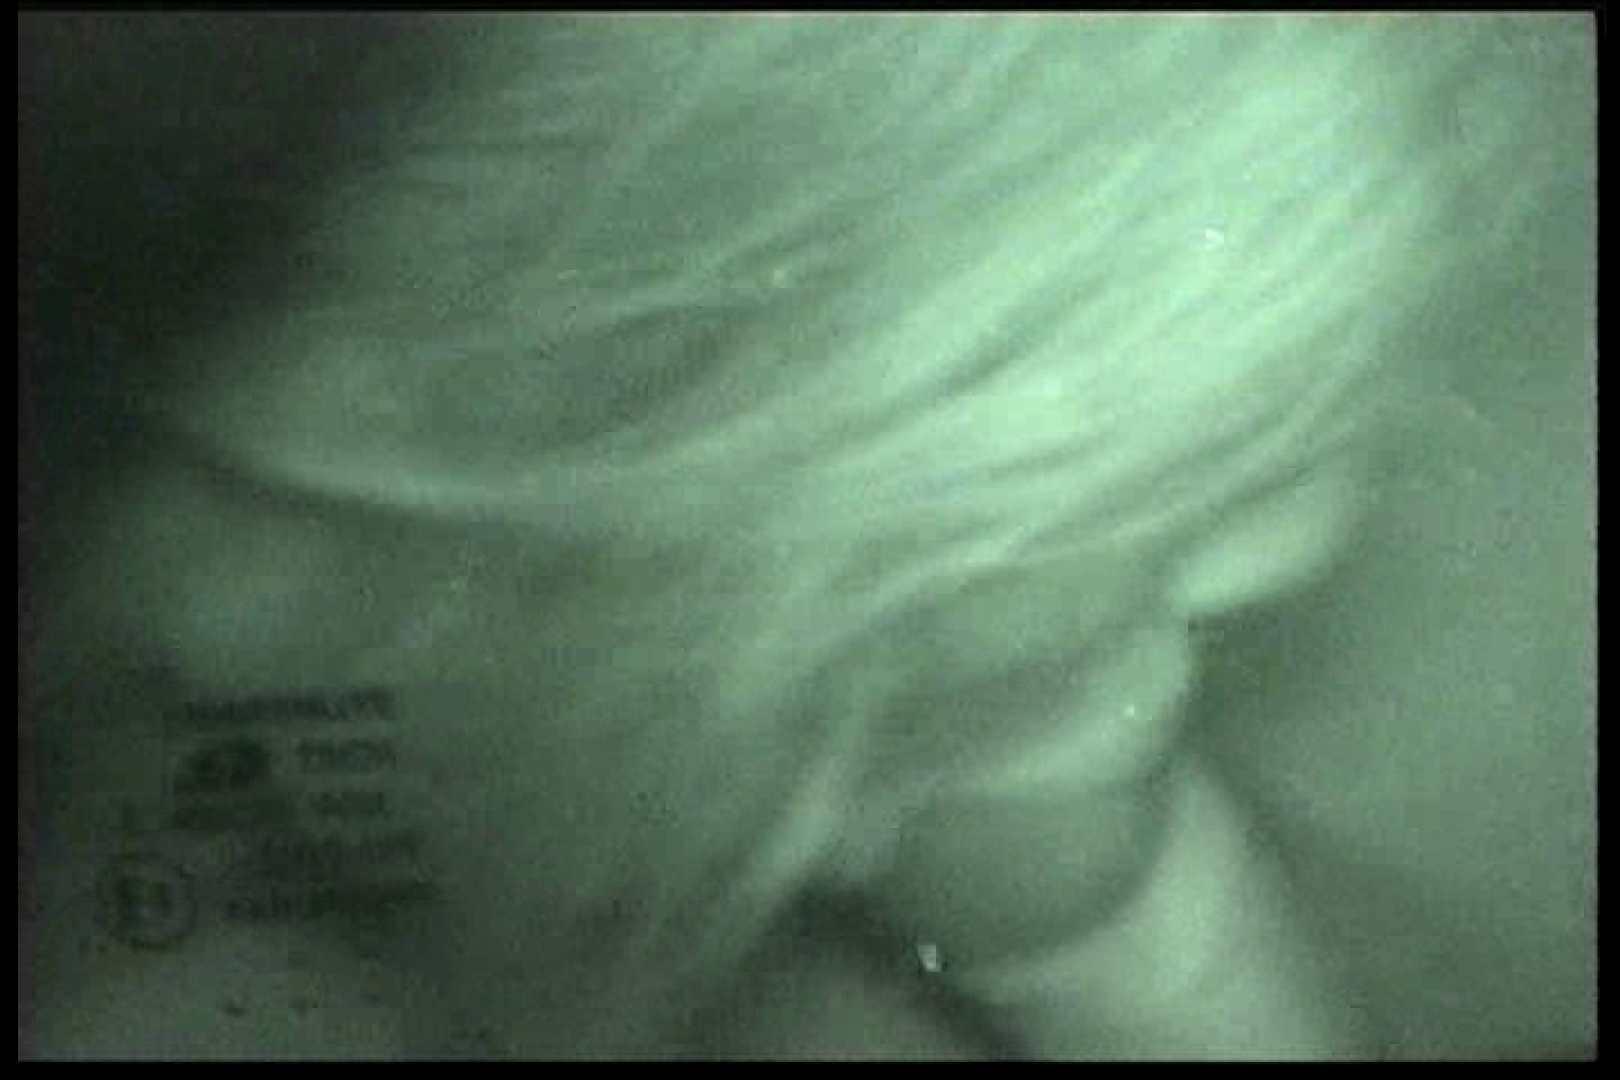 車の中はラブホテル 無修正版  Vol.14 ラブホテル 盗撮セックス無修正動画無料 87pic 53